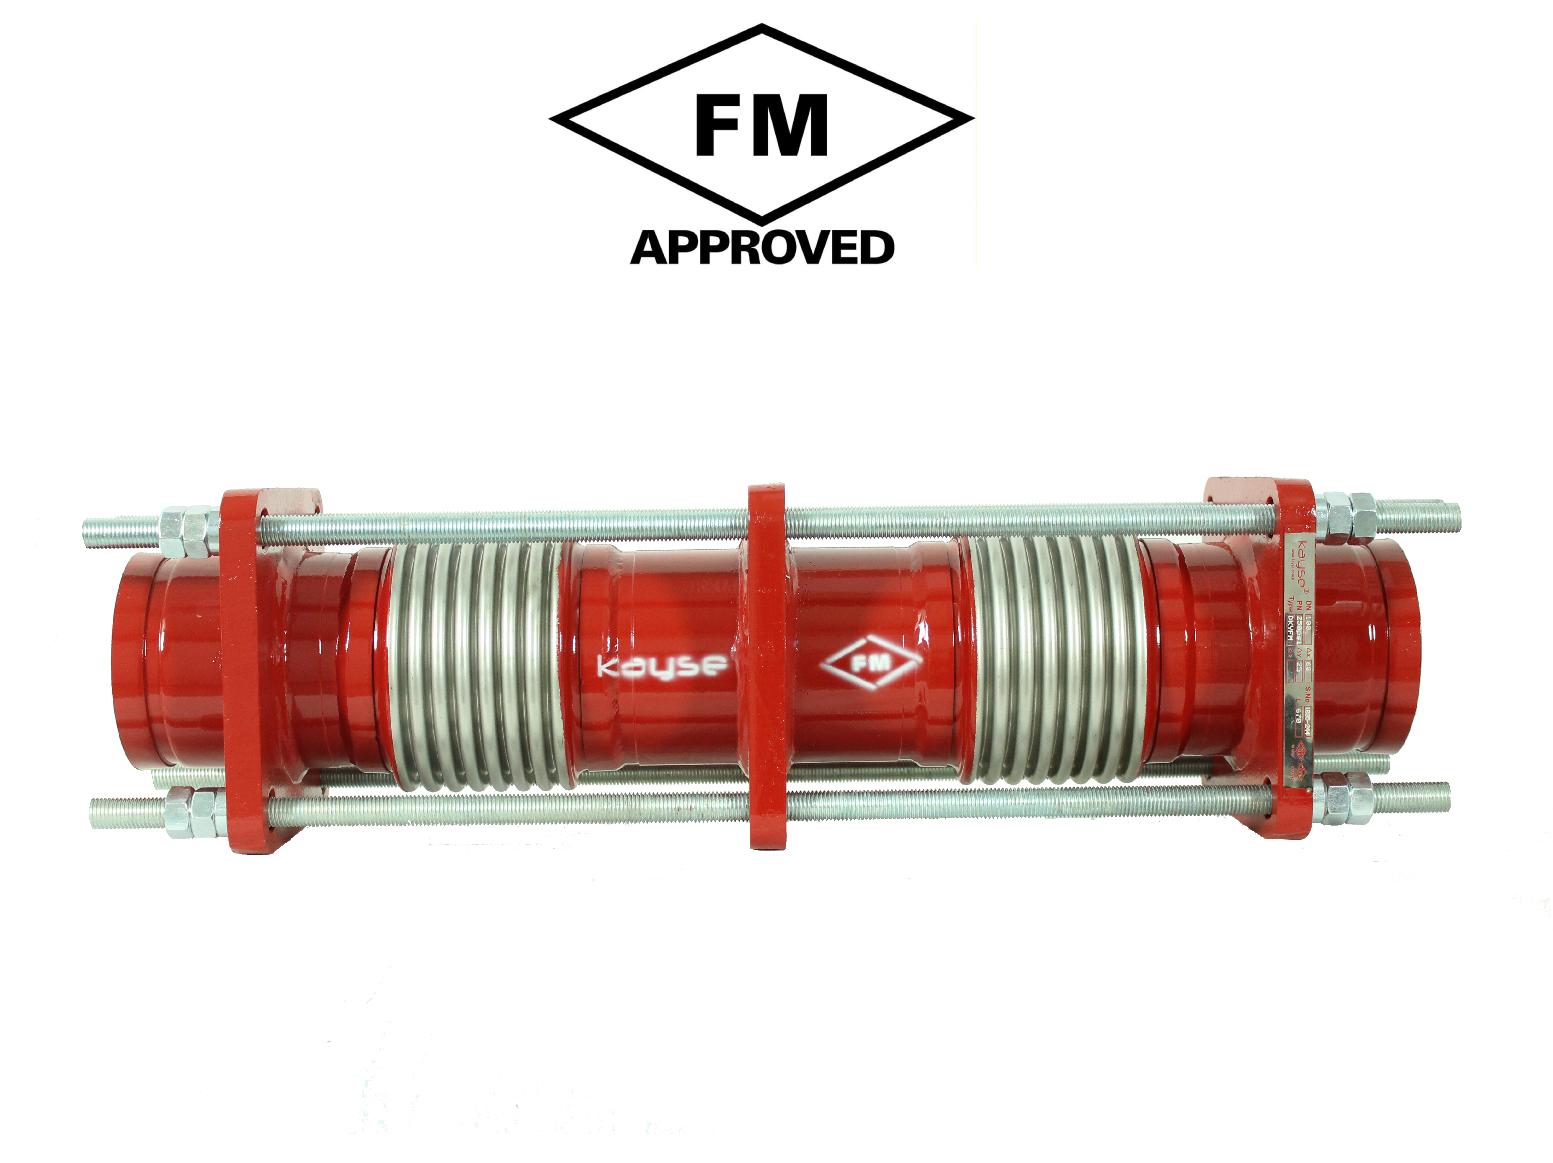 FM Onaylı Limit Rotlu Dilatasyon Kompansatörü - Yivli